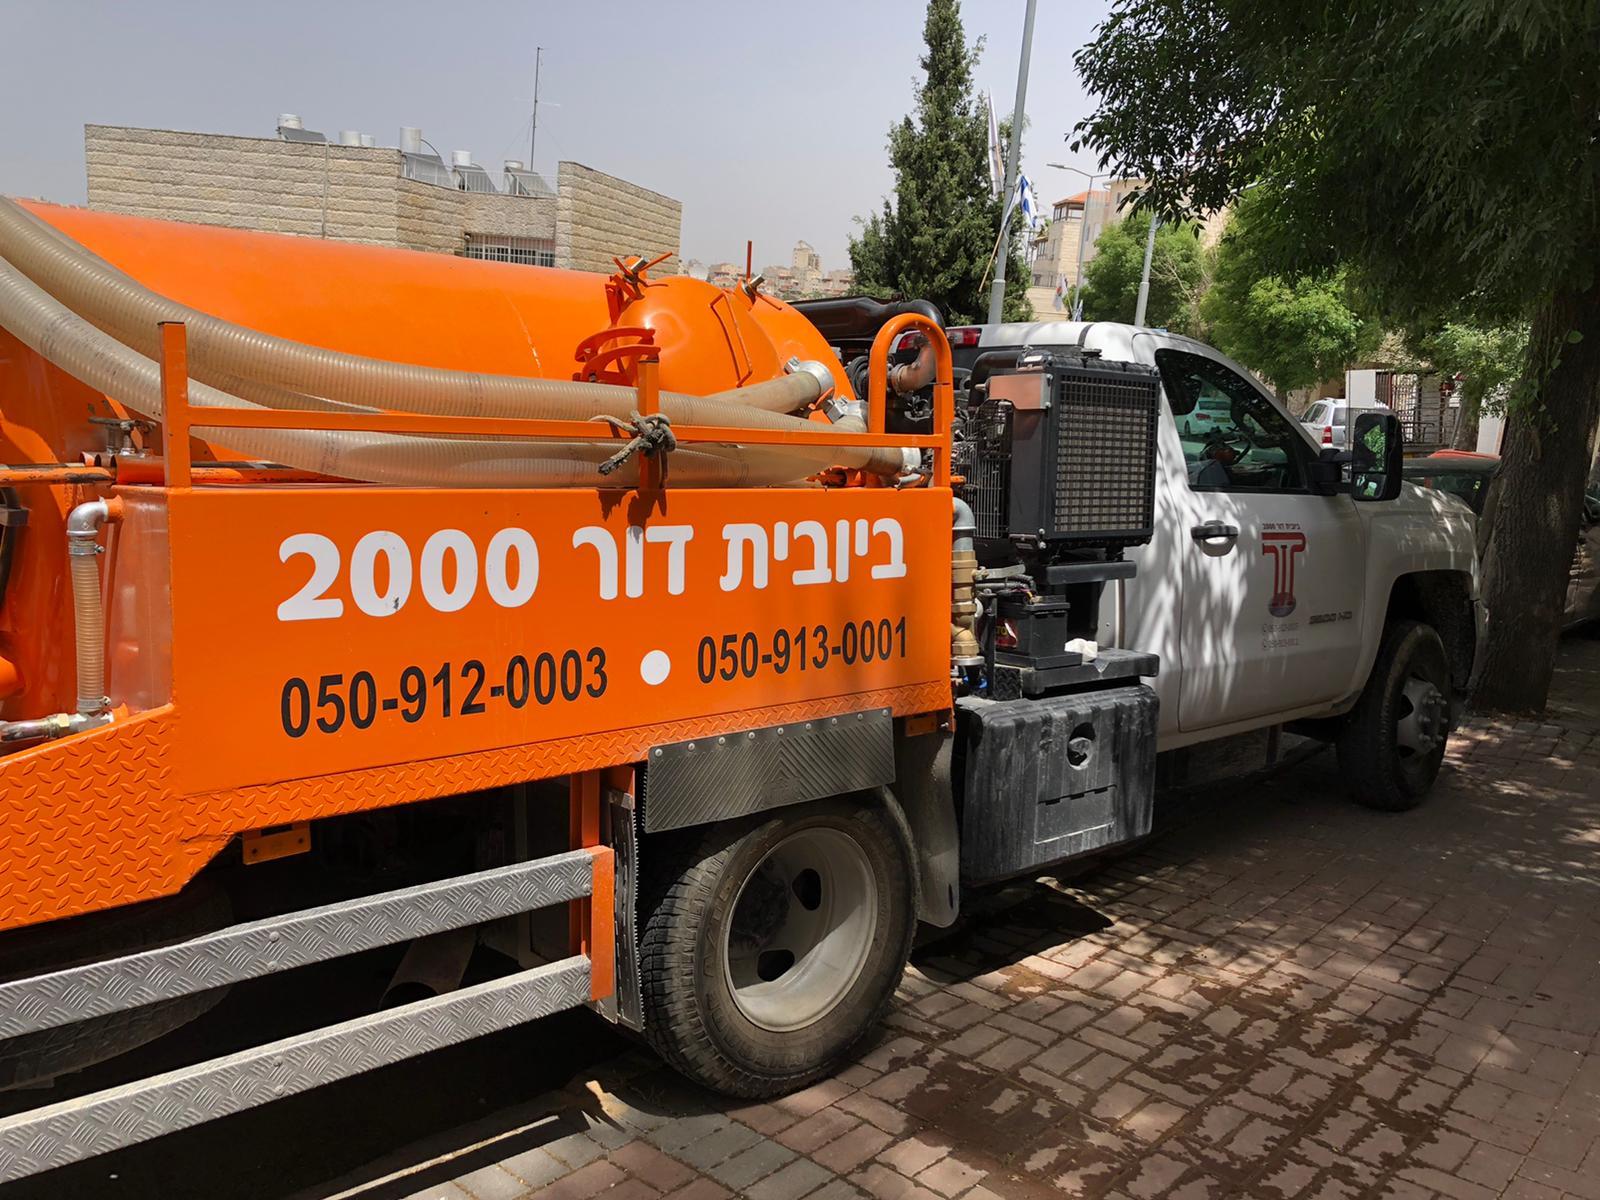 פתיחת סתימה ושטיפת קוו ראשי בשכונת מבשרת ציון בירושלים.